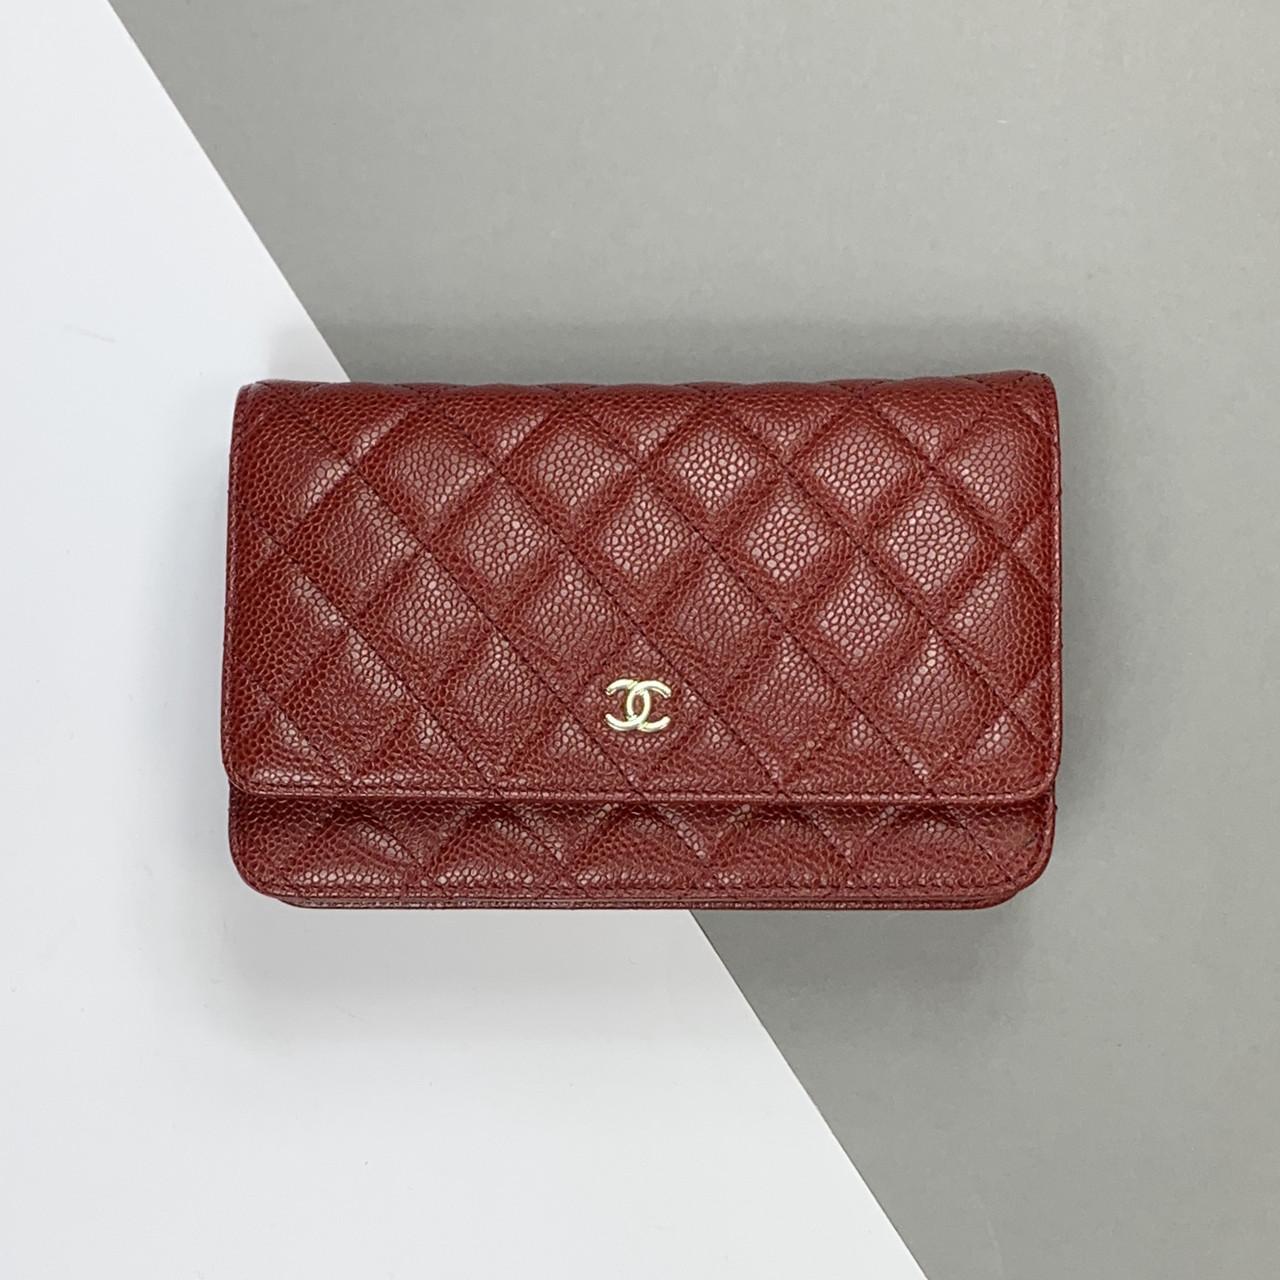 Жіночий клатч гаманець арт. 63-02